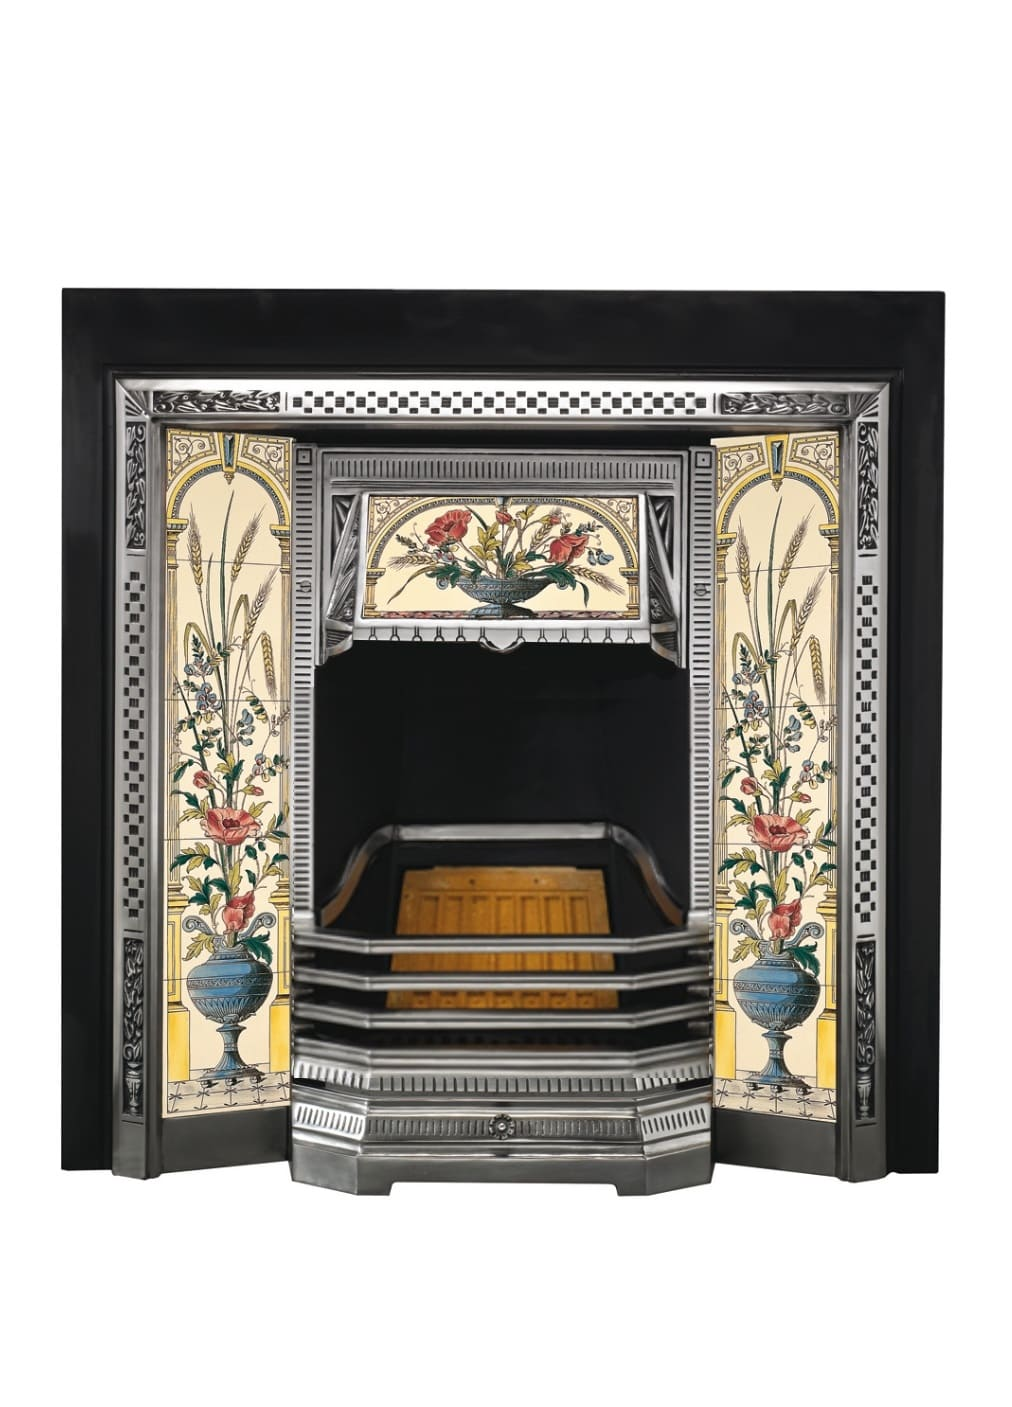 Топка Victorian - частичная полировка с козырьком под плитку